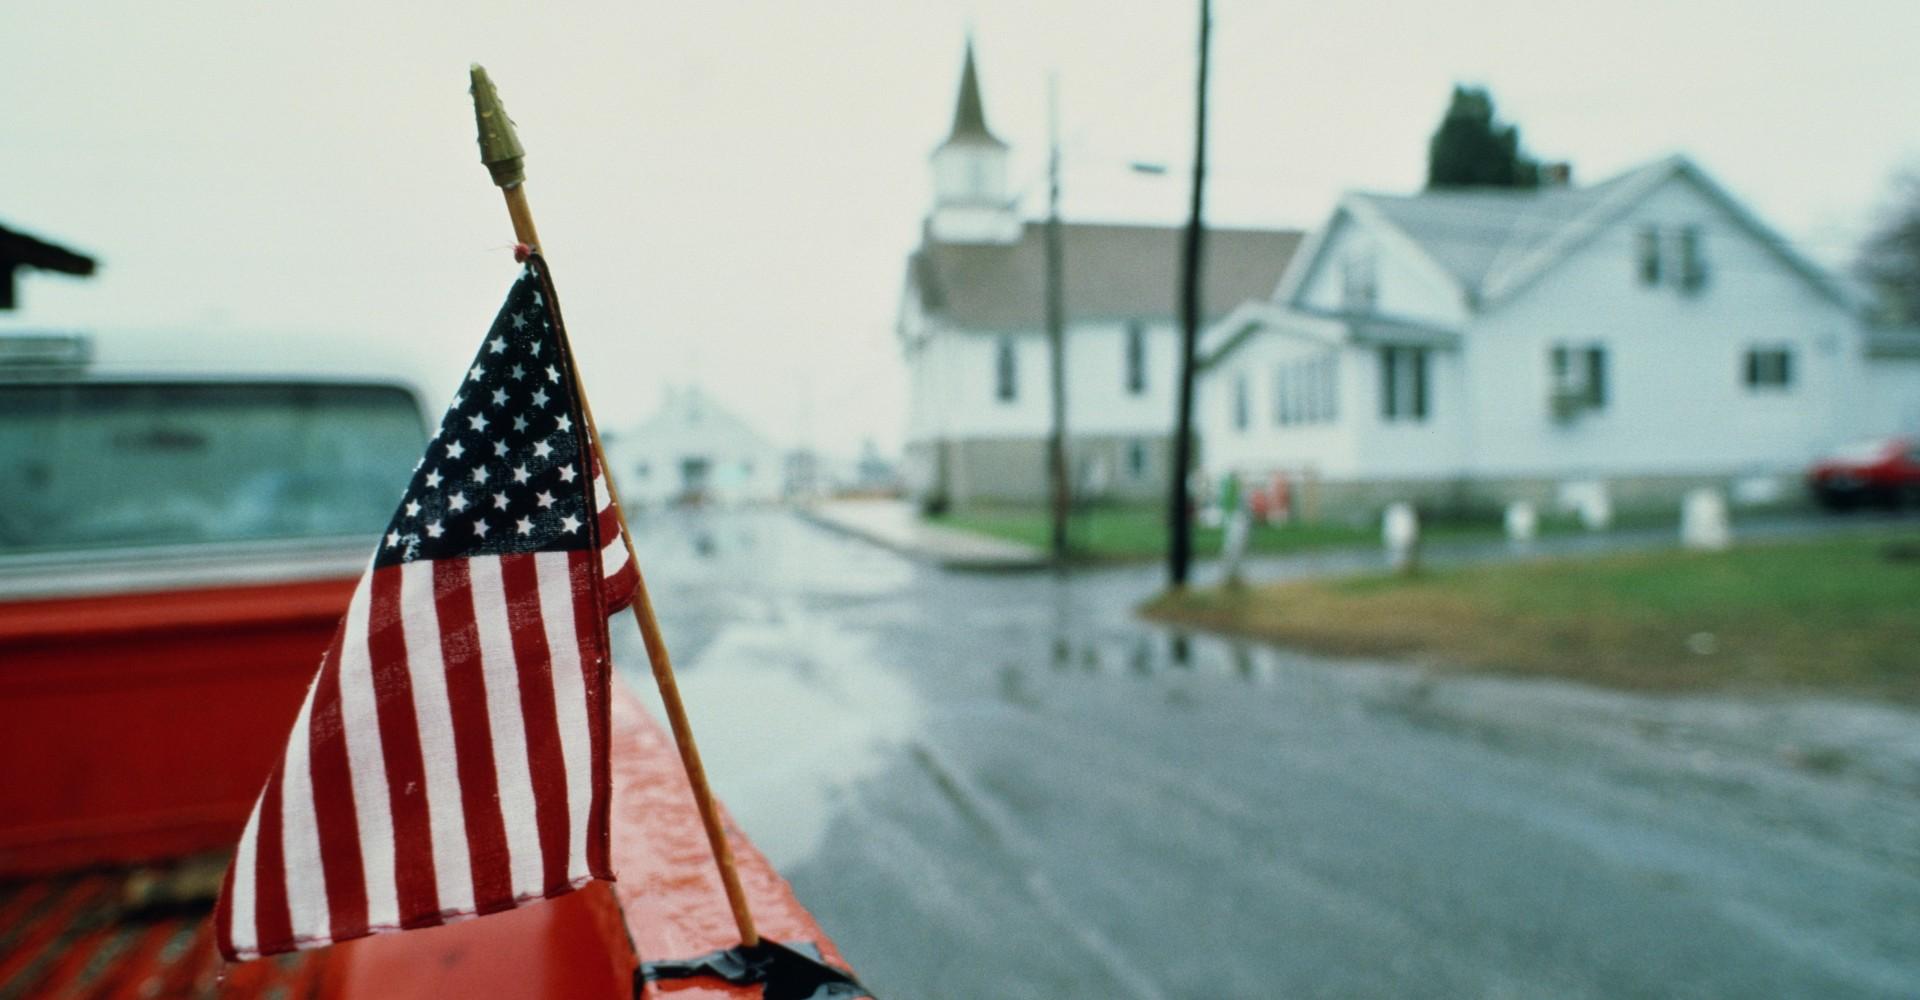 Vivere il sogno americano negli Stati Uniti